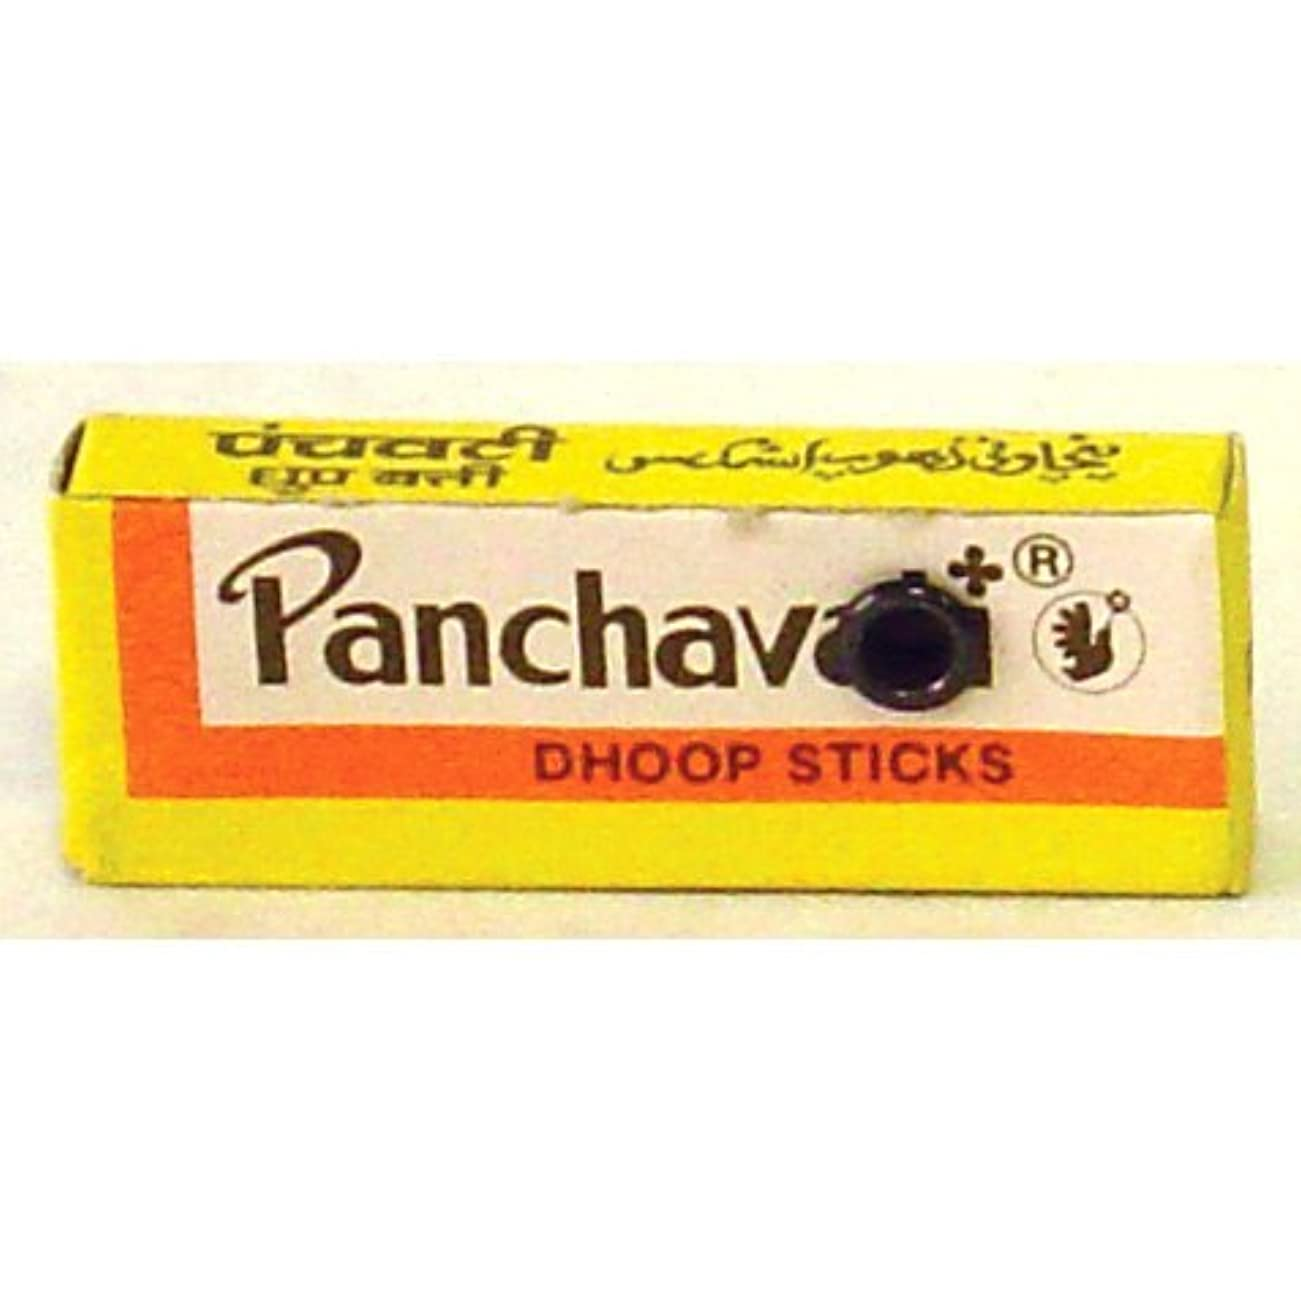 口原始的な市の中心部siddhratan Panchavati Small Dhoopスティック12ボックスの10 Sticks